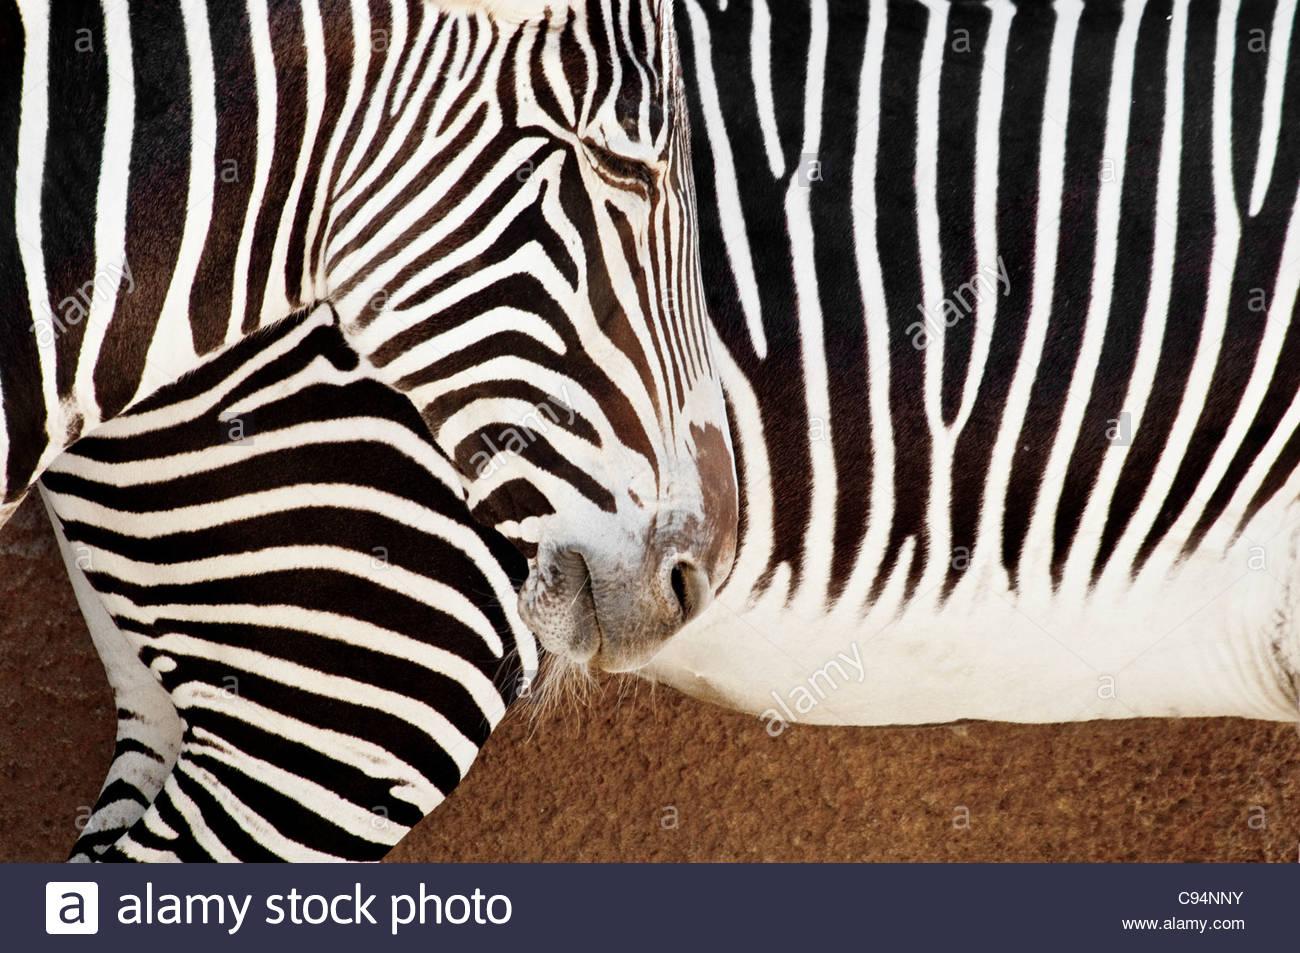 Nahaufnahme von Zebramuster, Grevy Zebra, Equus Grevyi, der Zoo von Los Angeles, Los Angeles, Kalifornien, USA Stockbild